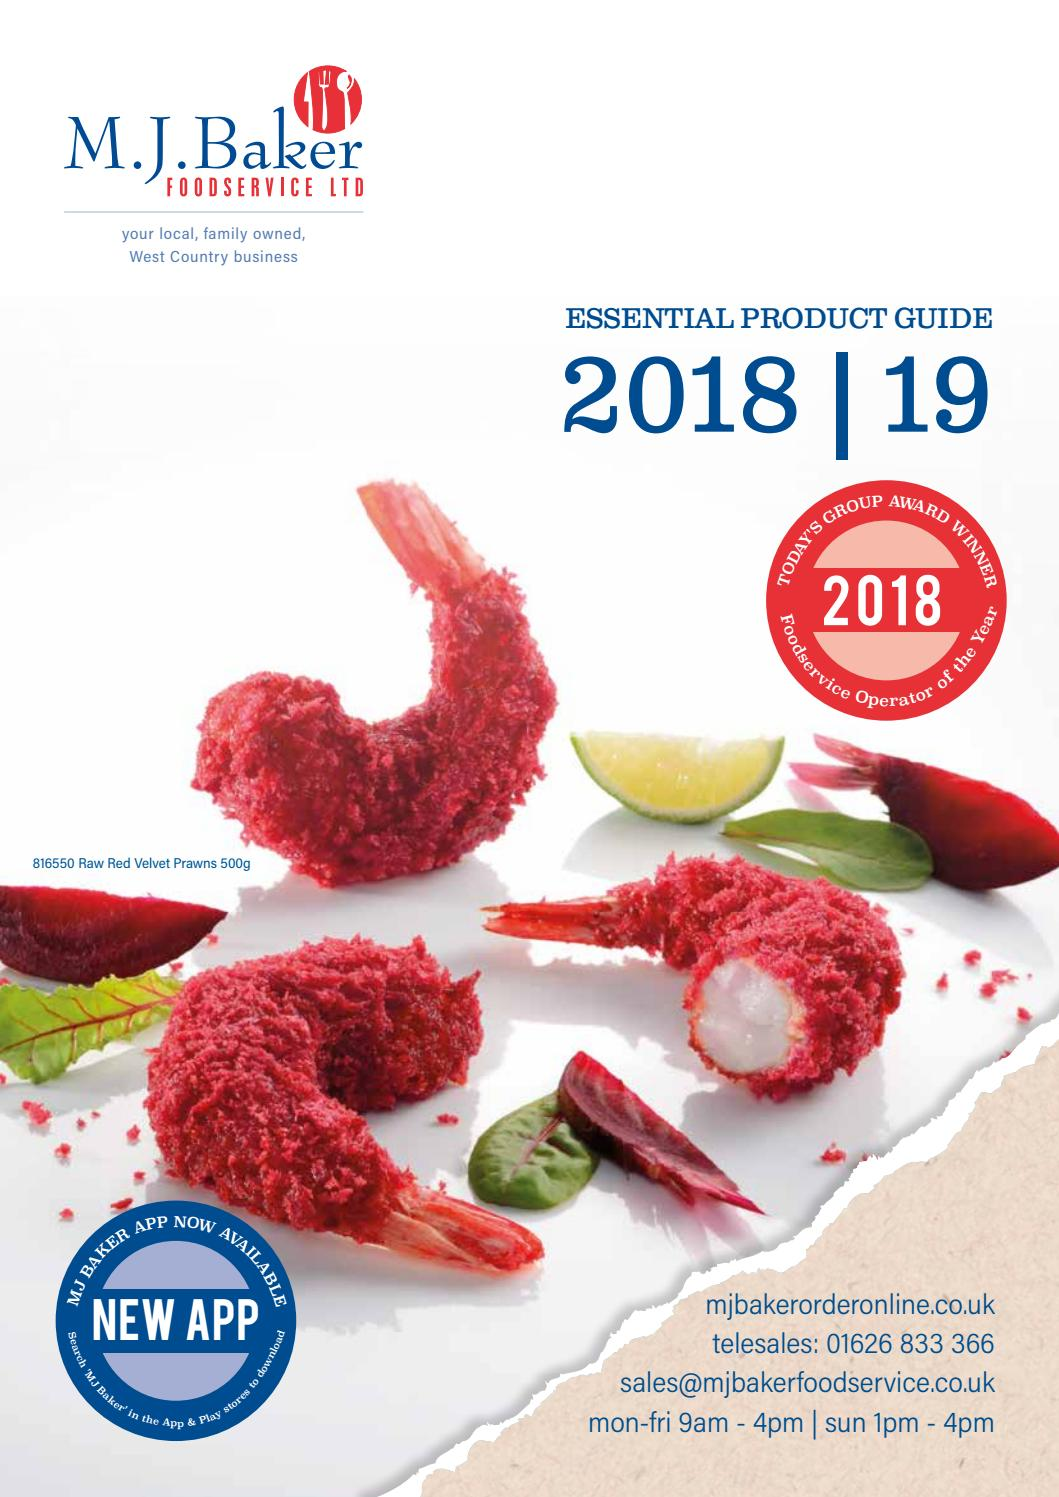 Mj Baker Ss2018 Product Guide By Infotech Studio Issuu Fancy Feast Grilled Turkey In Gravy 85g 6 Pcs Free Pouch